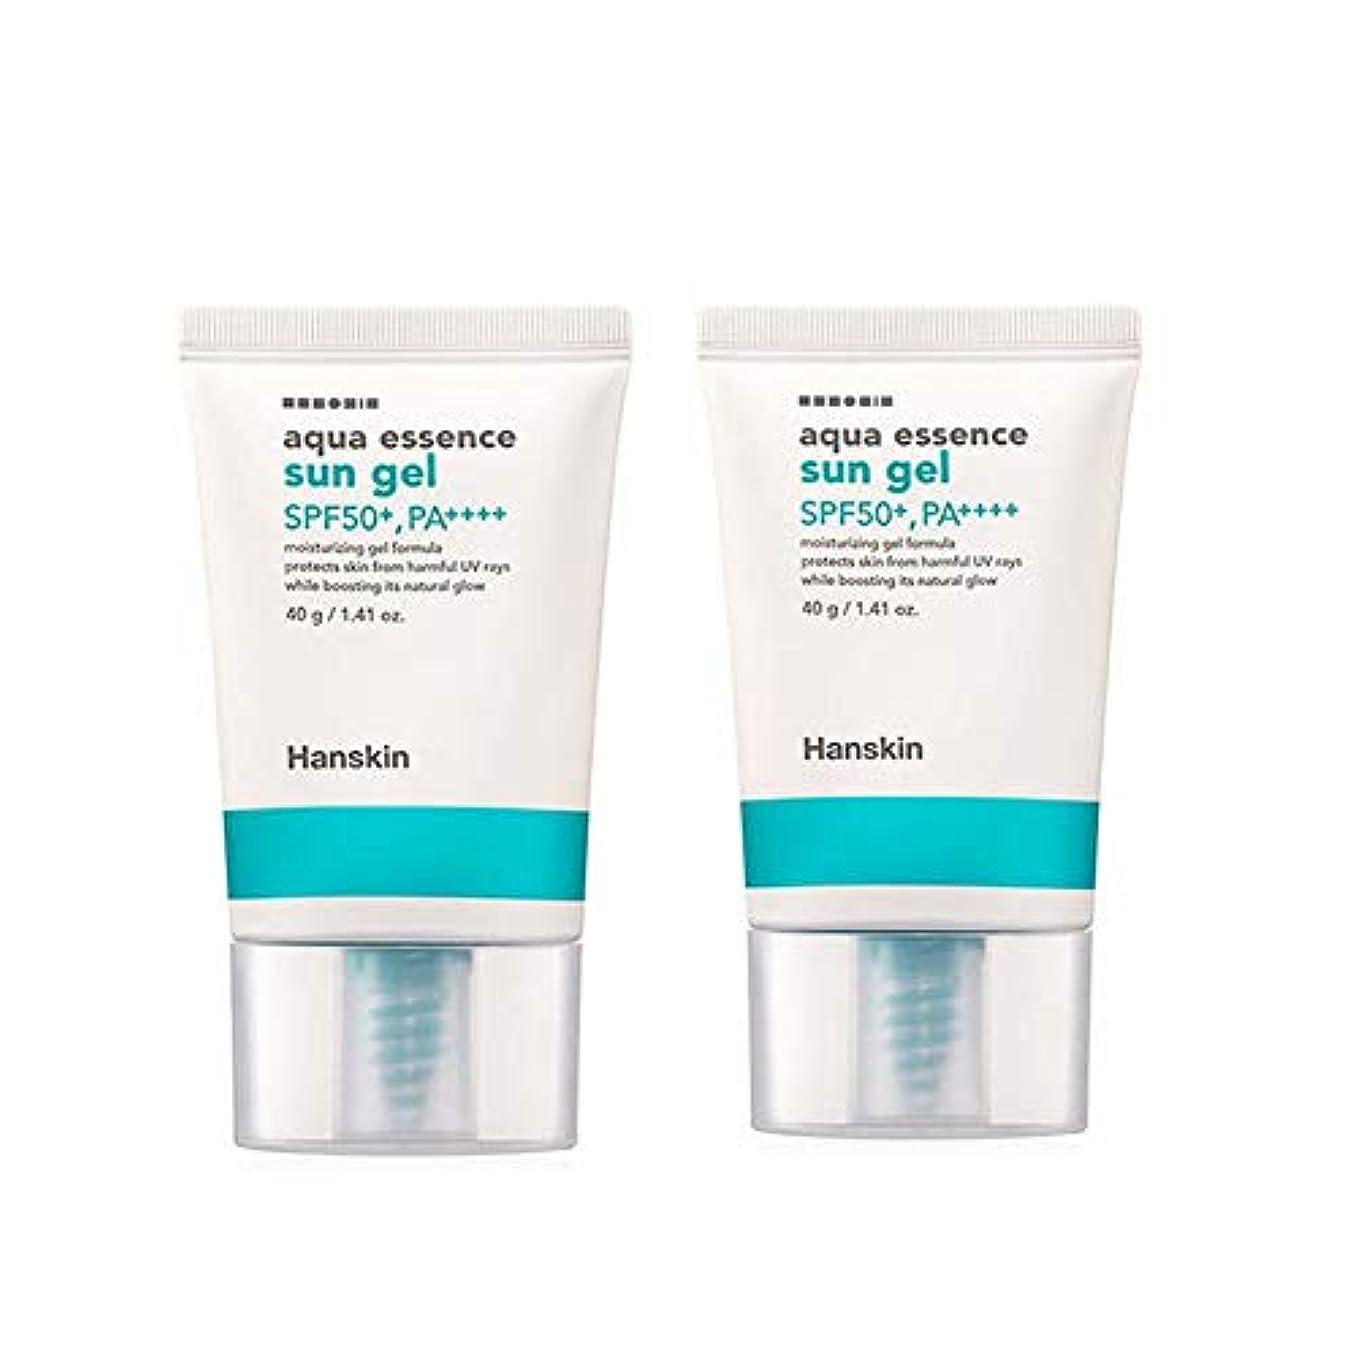 制限された雑品雇ったハンスキンアクアエッセンスサンゼル40gx2本セットサンクリーム韓国コスメ、Hanskin Aqua Essence Sun Gel 40g x 2ea Set Sun Cream Korean Cosmetics [並行輸入品]